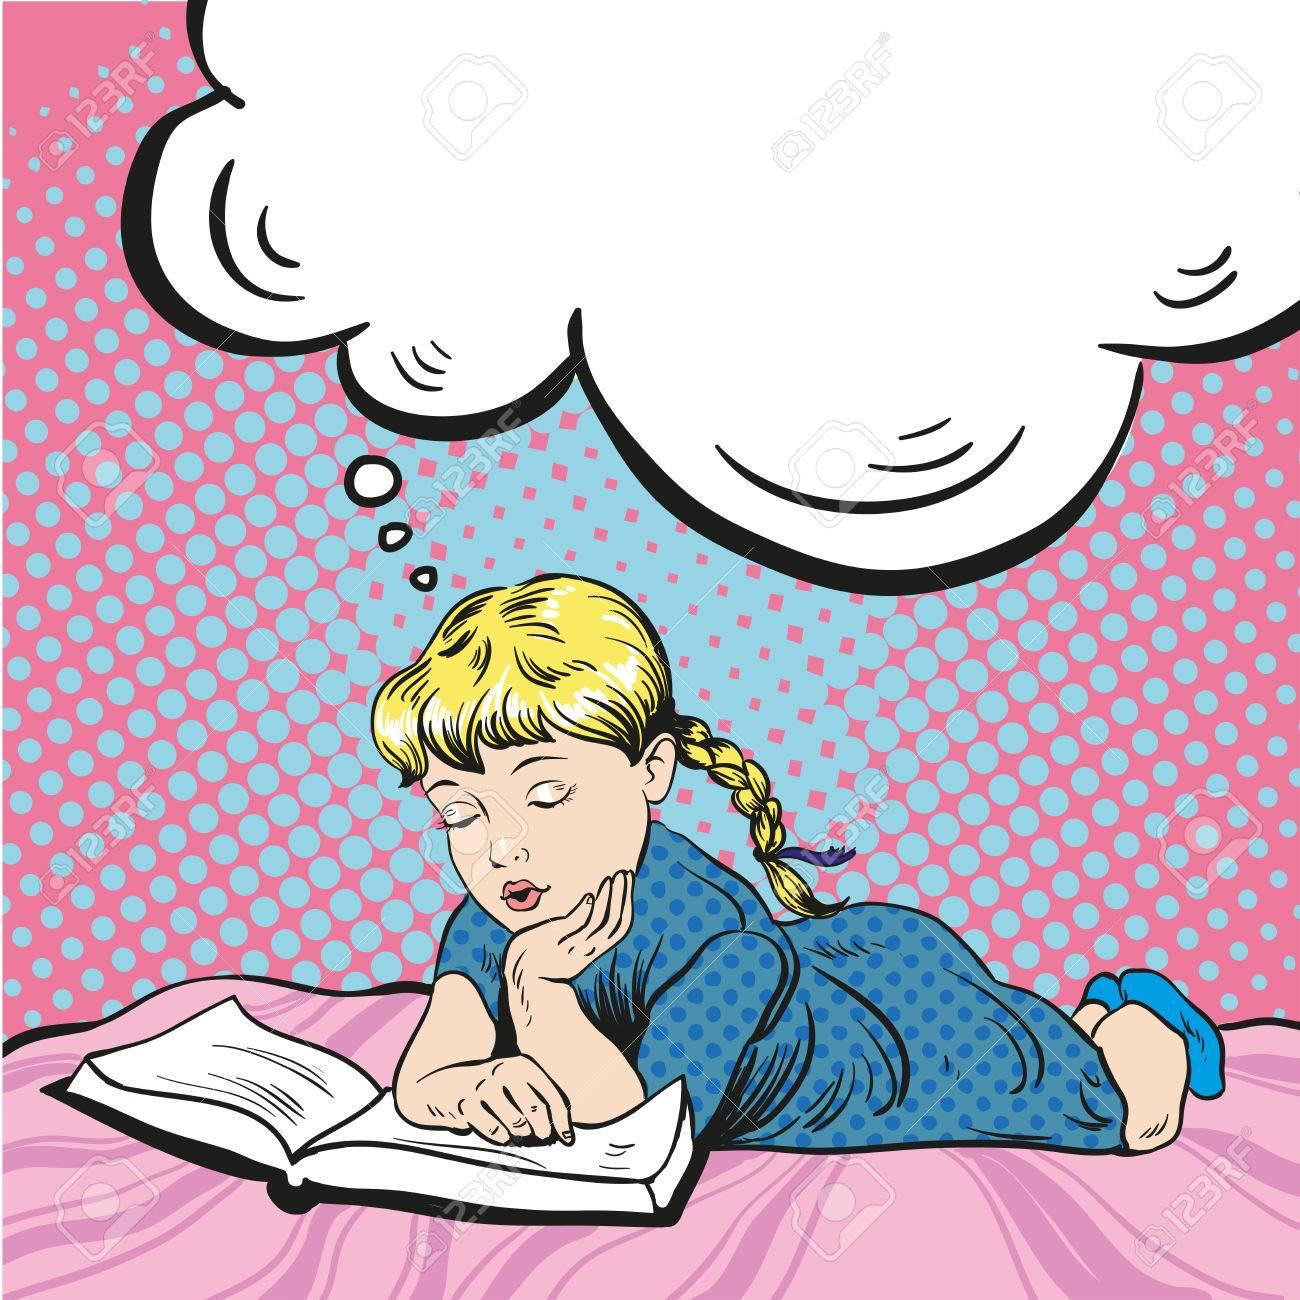 Kleines Madchen Auf Einem Bett Buch Zu Lesen Vektor Illustration Im